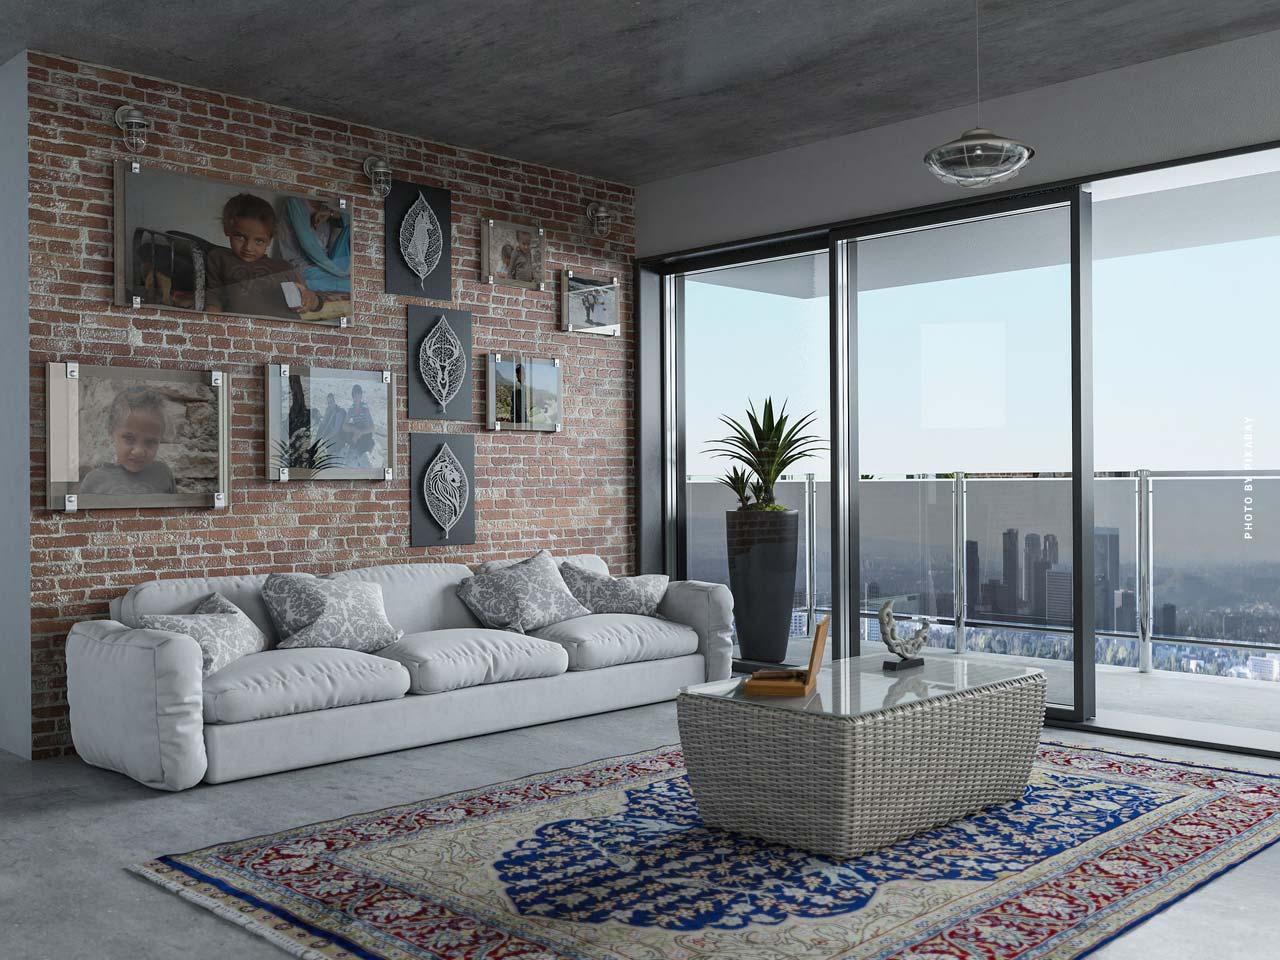 Fendi Casa - mobili, lampade e accessori del marchio italiano del lusso